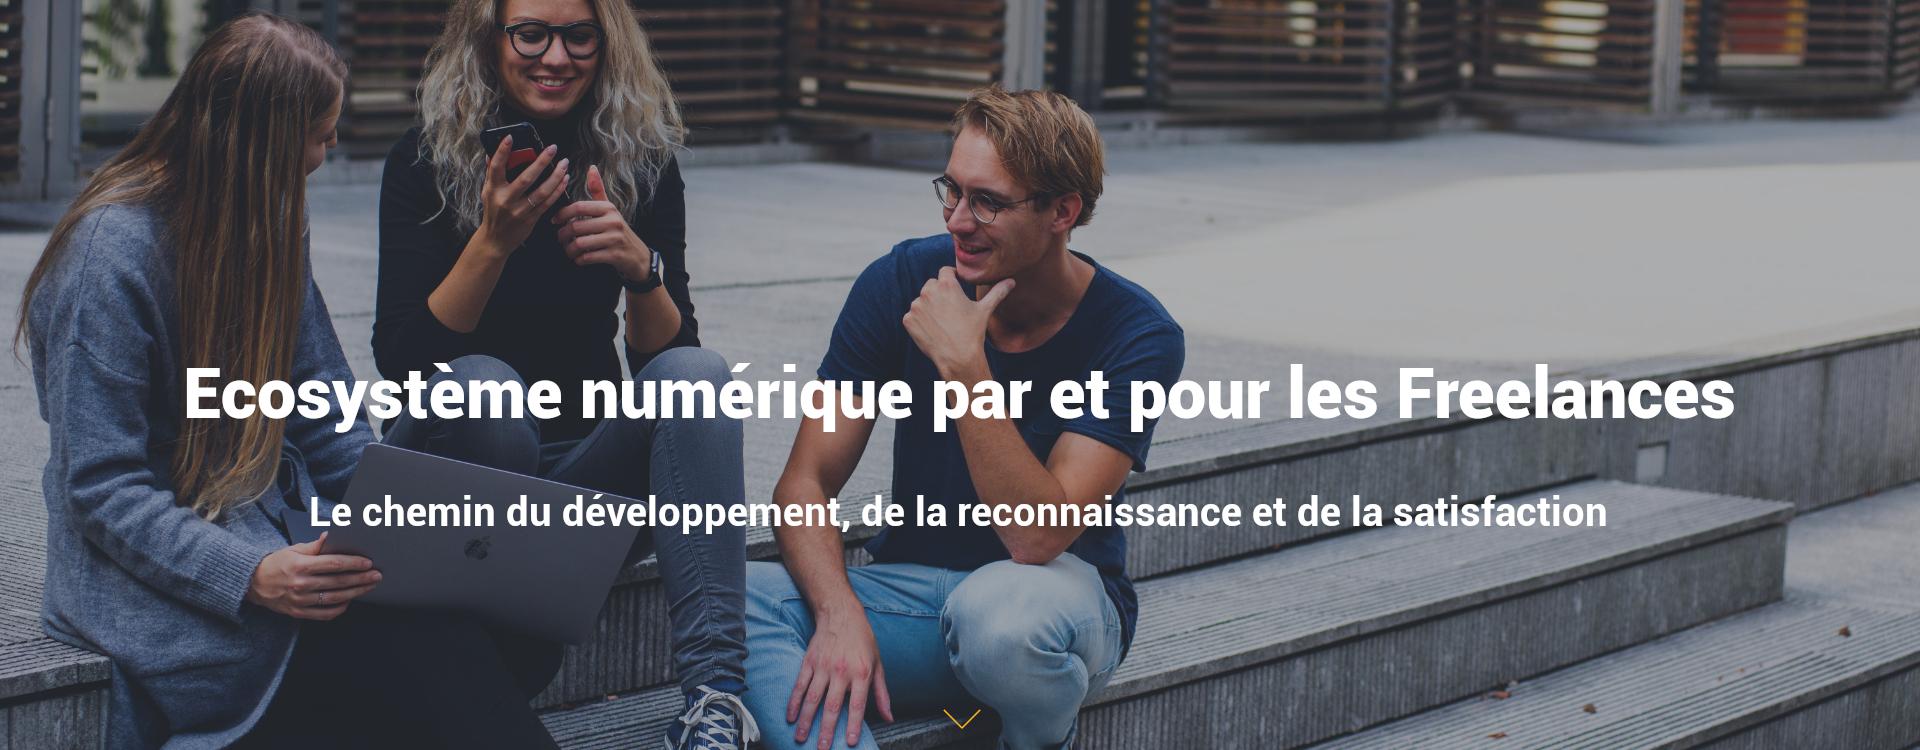 Ecosystème numérique par et pour les Freelances. Le chemin du développement, de la reconnaissance et de la satisfaction.